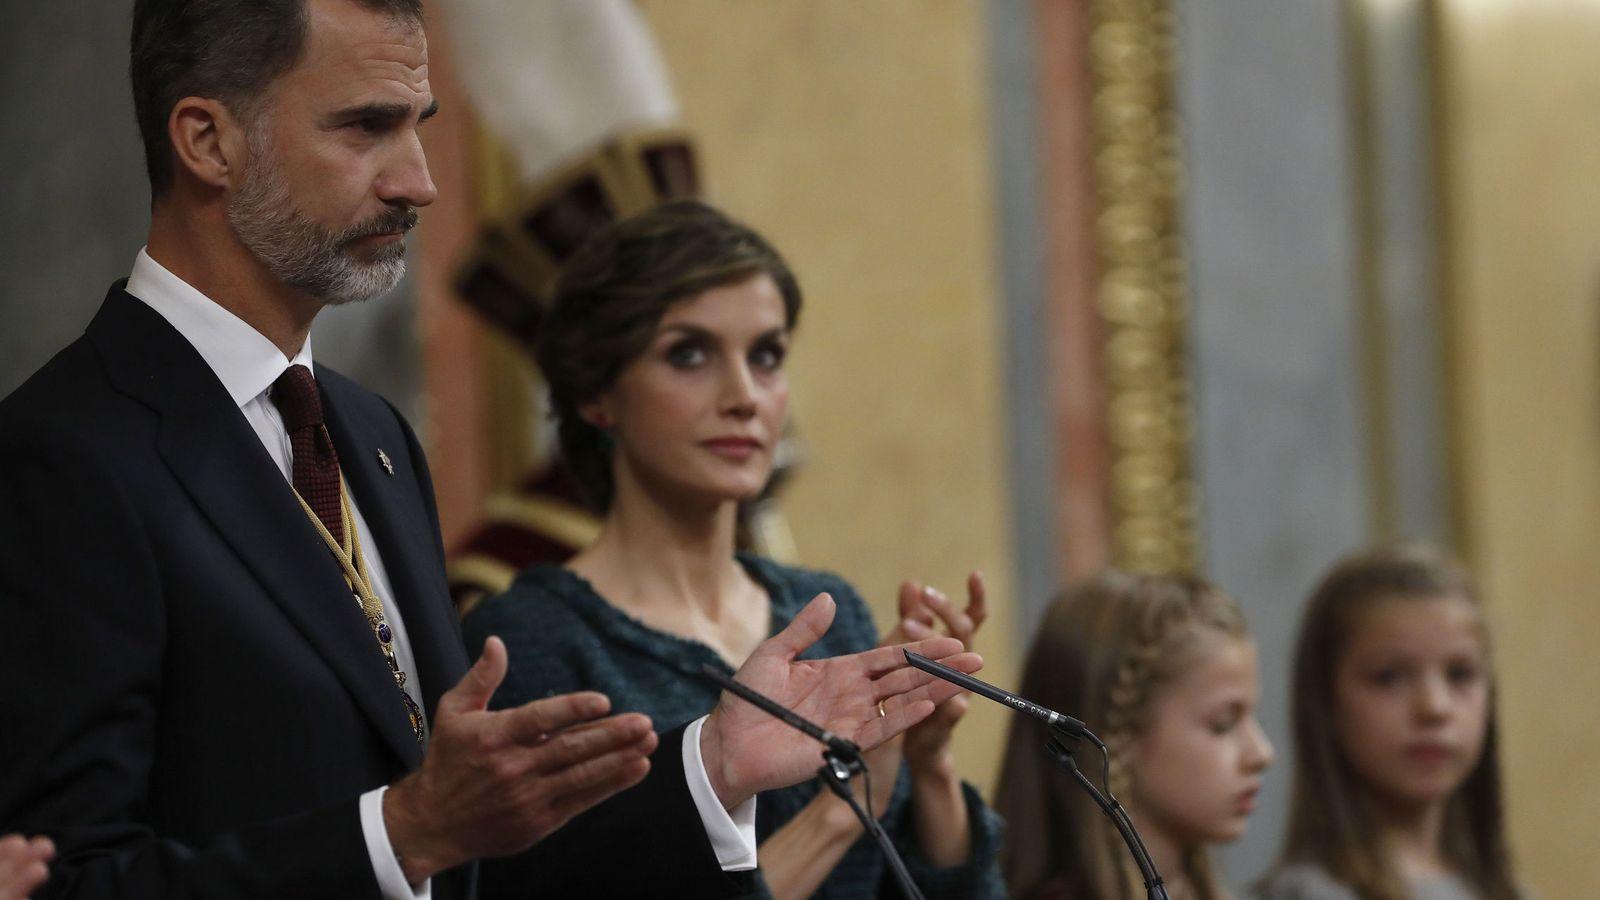 Foto:  El Rey Felipe VI es aplaudido por la Reina Letizia durante la apertura solemne de las Cortes de la XII legislatura. (EFE)